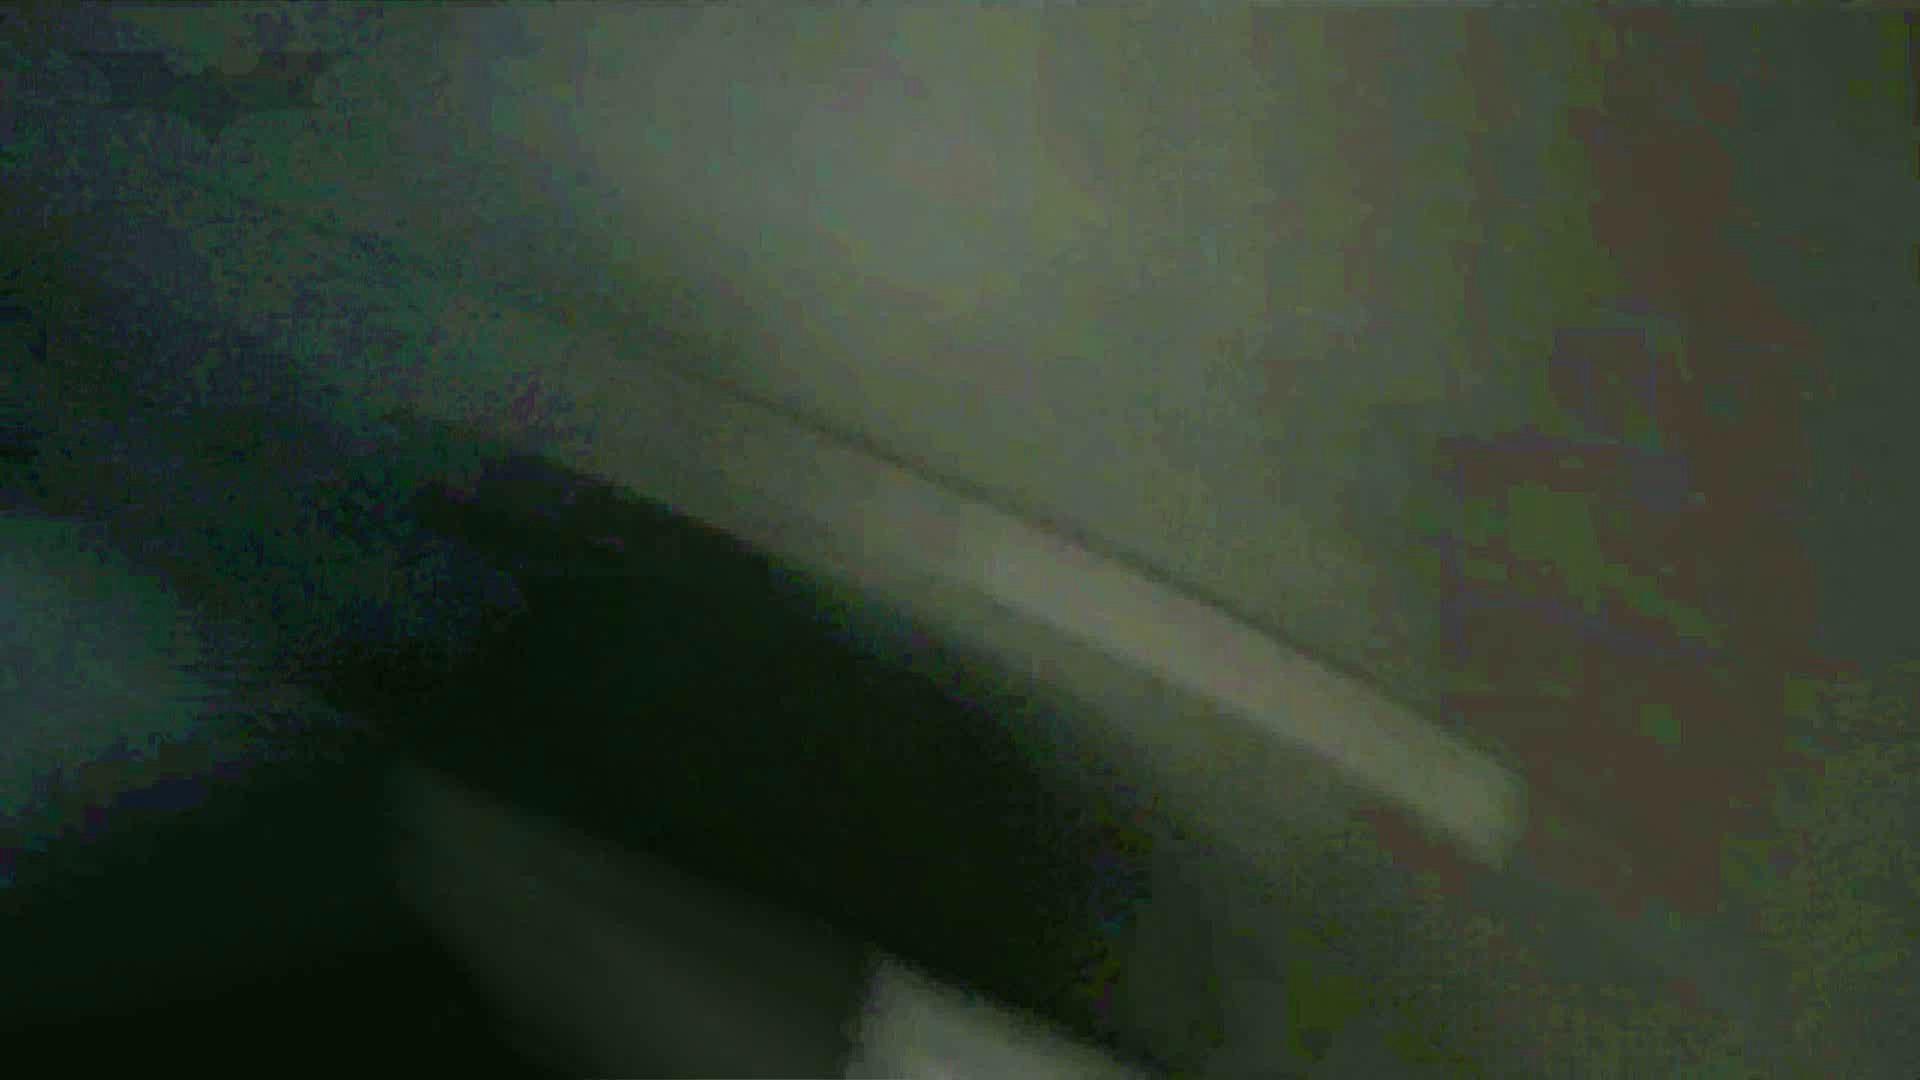 ステーション編 vol.29 頭二つ飛び出る180cm長身モデル OLハメ撮り  40Pix 18